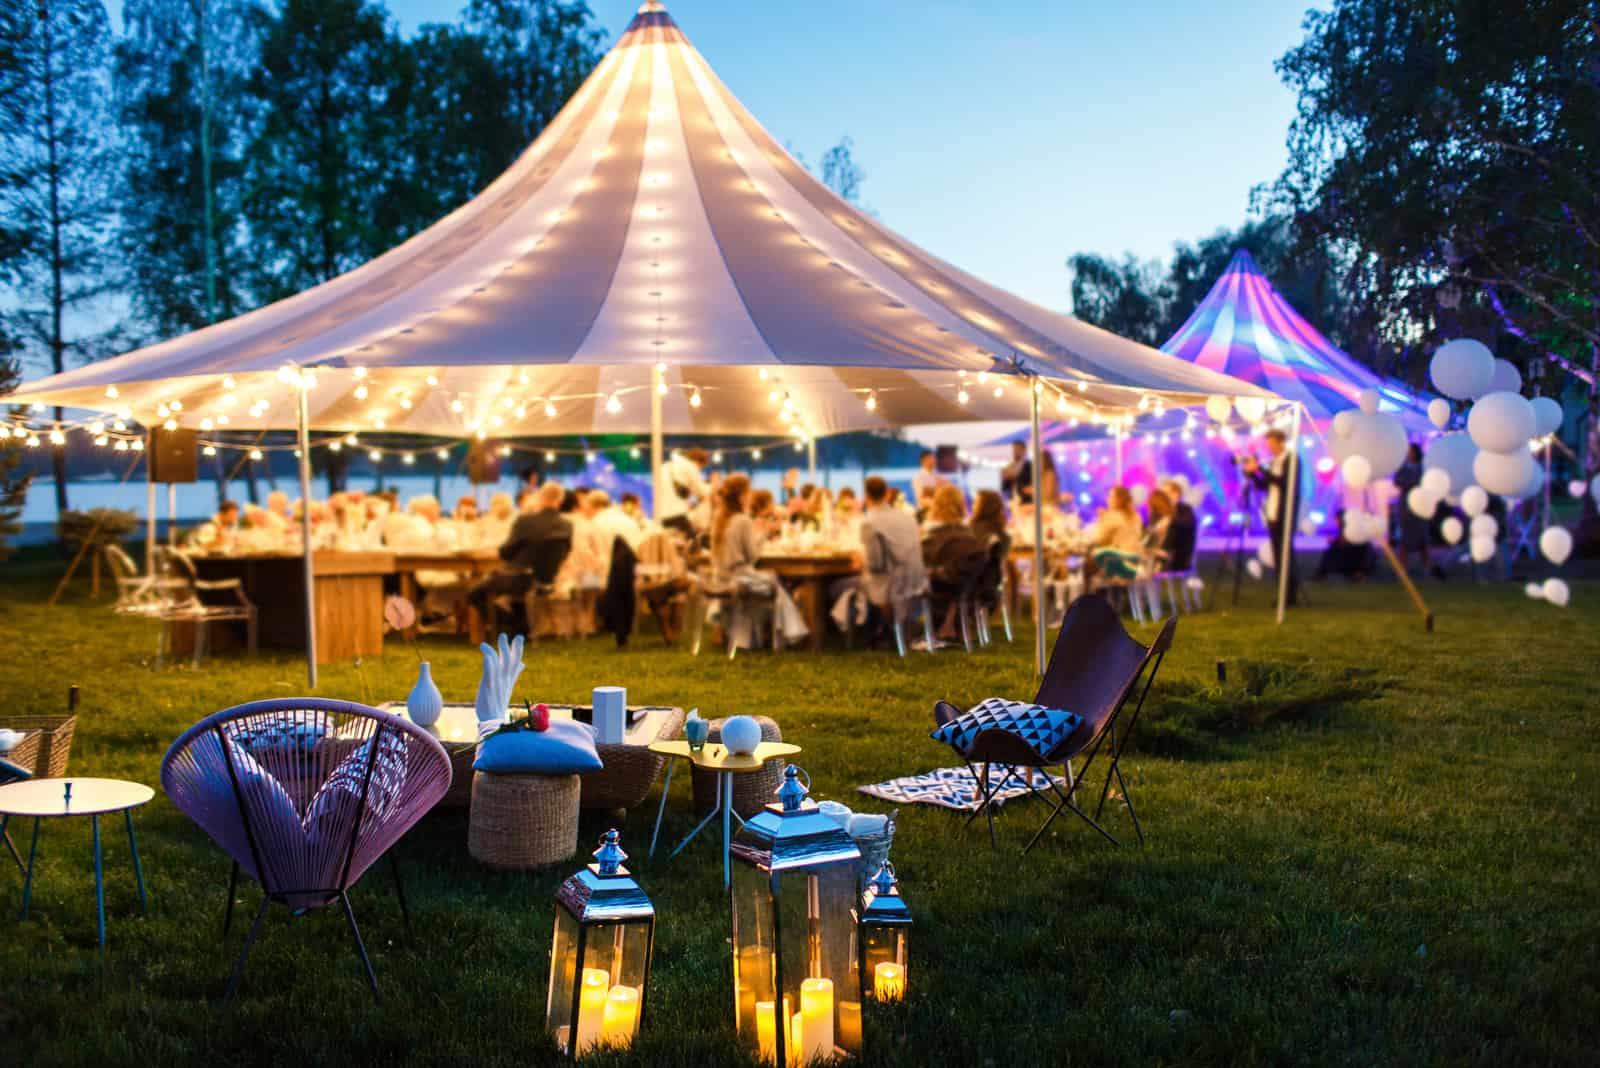 Bunte Hochzeitszelte in der Nacht